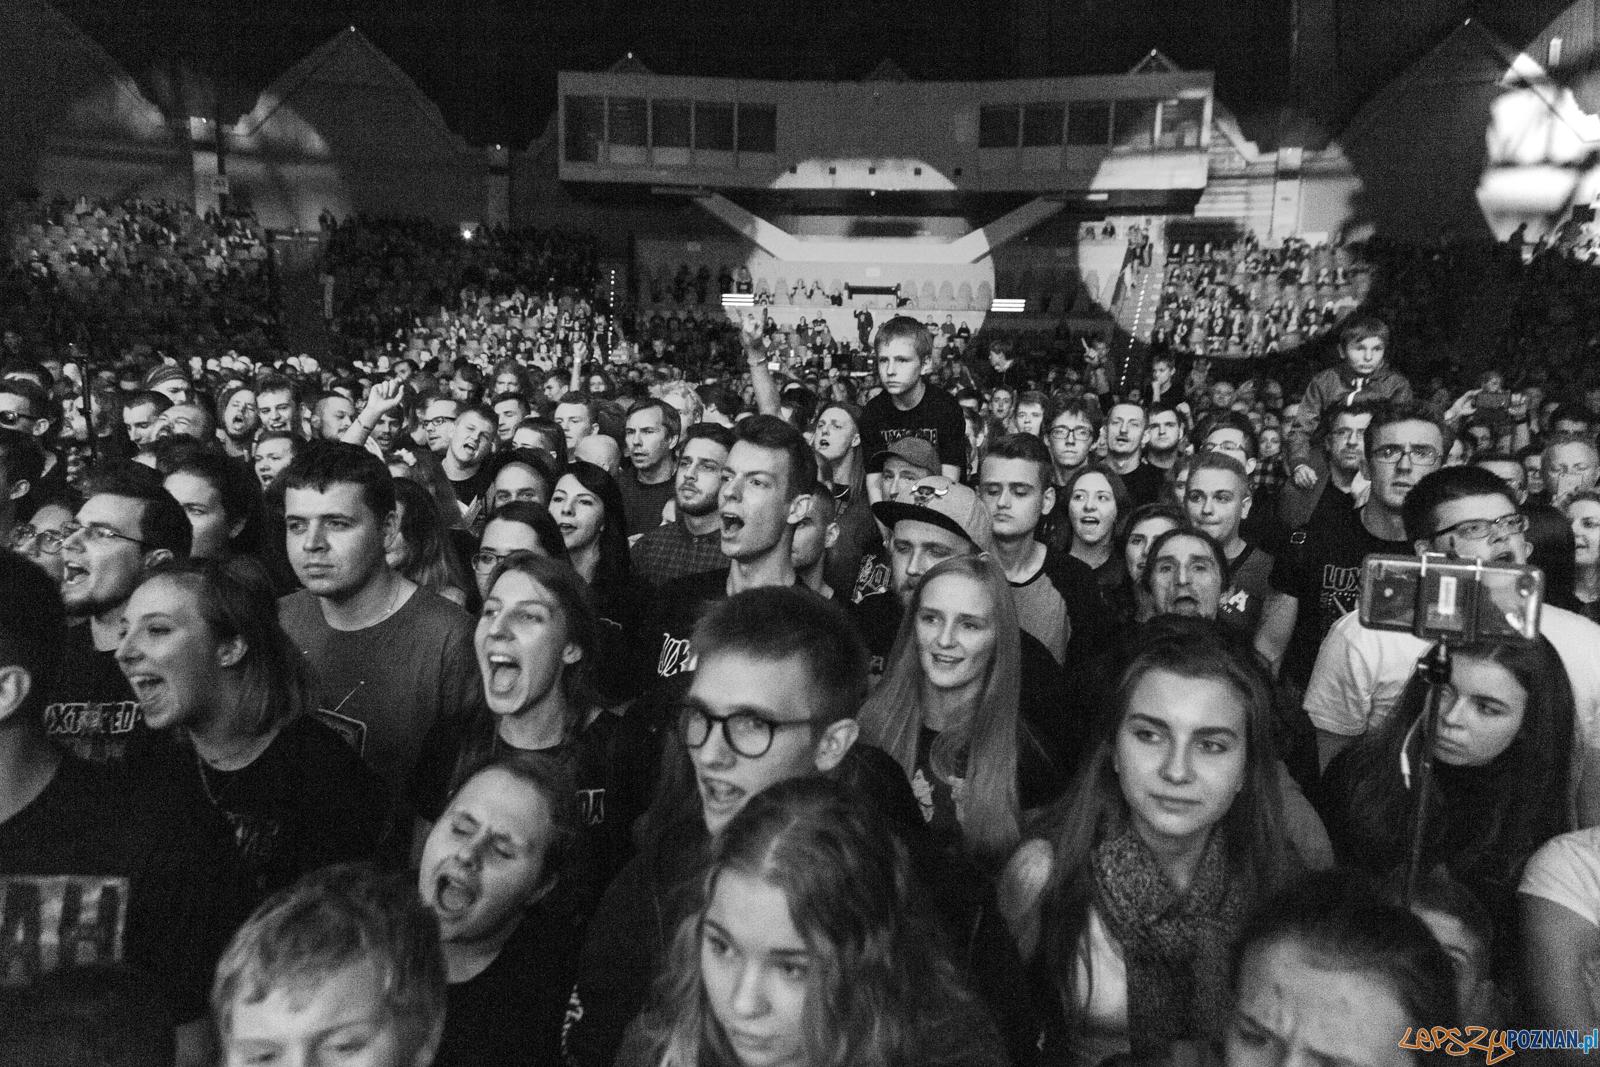 LuxFest 2017 - Poznań 07.10.2017 r.  Foto: LepszyPOZNAN.pl / Paweł Rychter